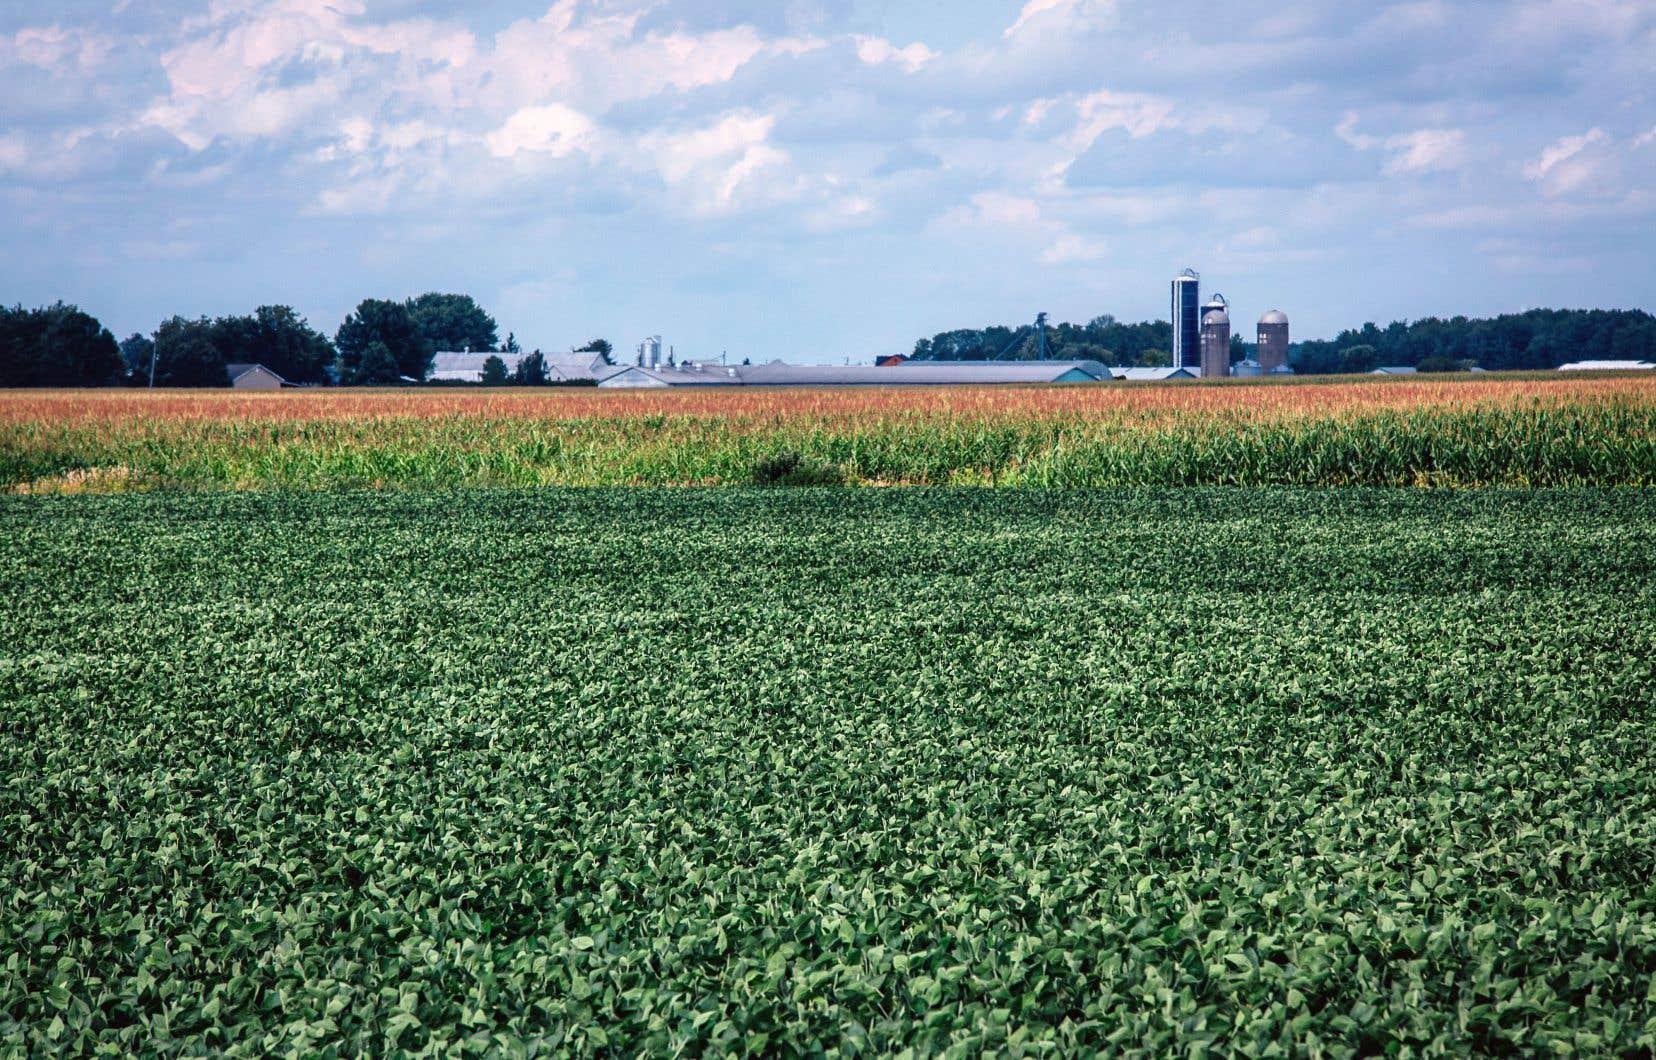 La nouvelle fiducie aura notamment pour mission de protéger les terres agricoles de la spéculation.